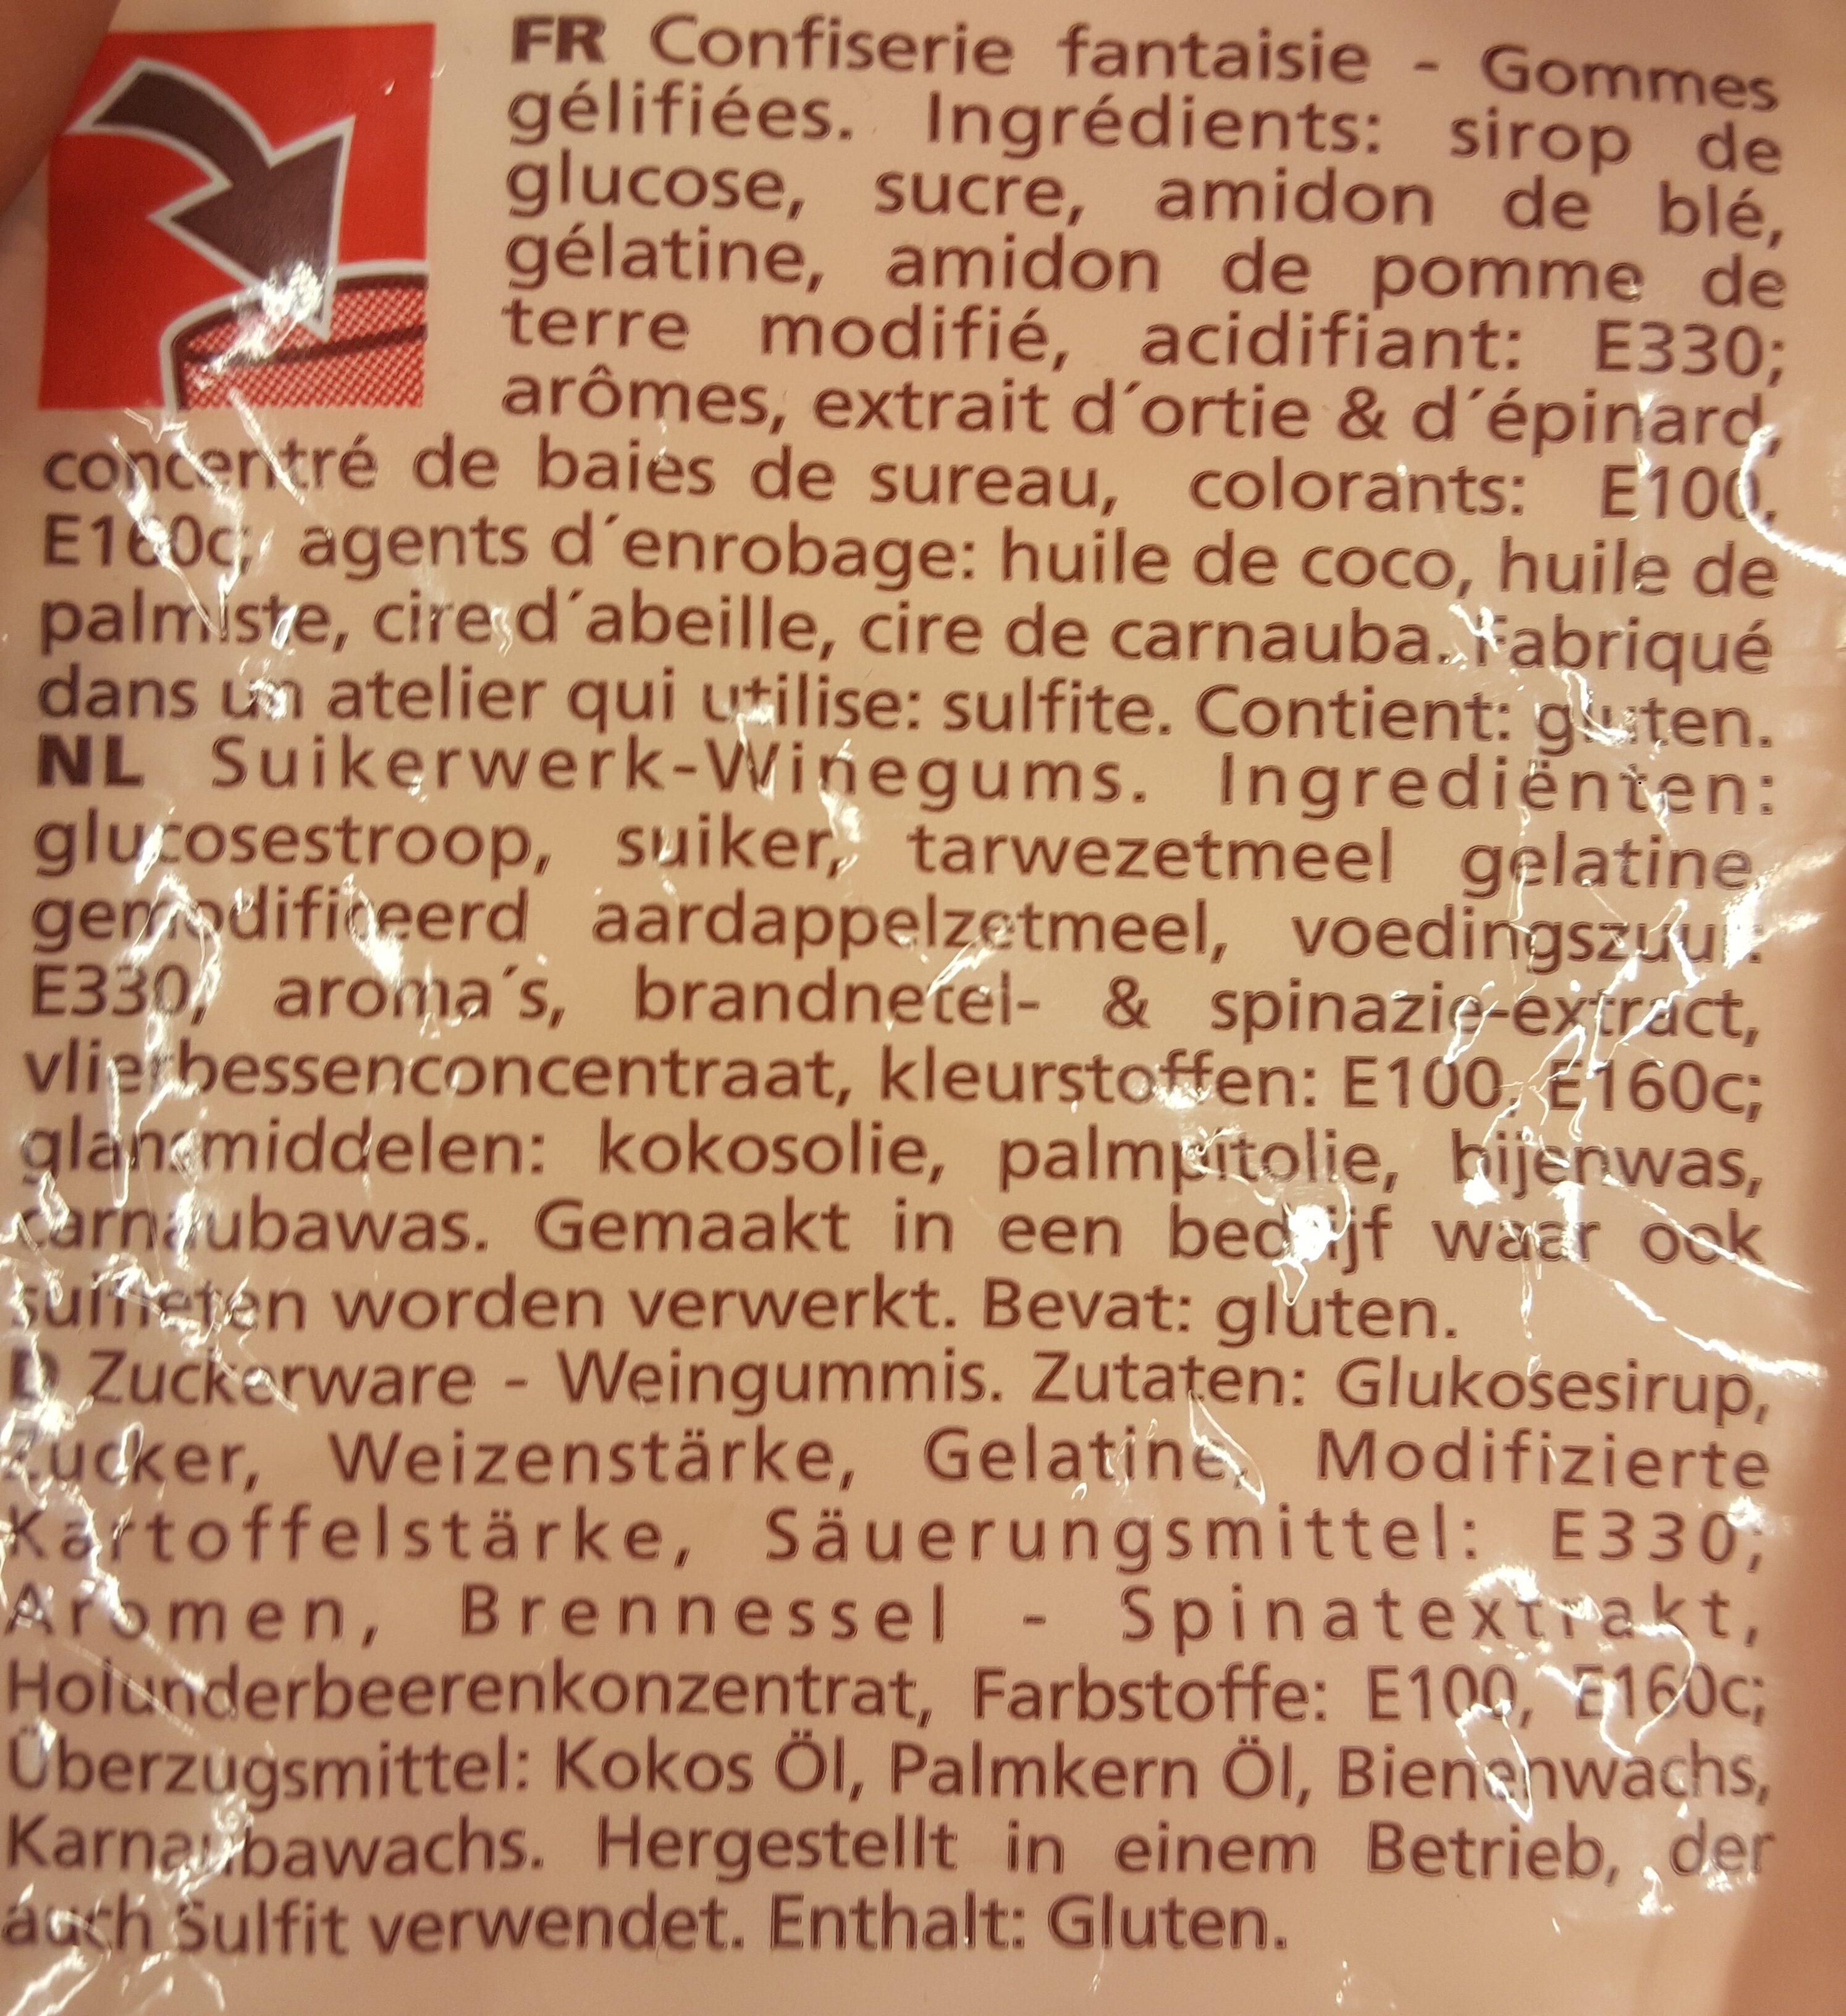 Gommes gelifiees - Ingrédients